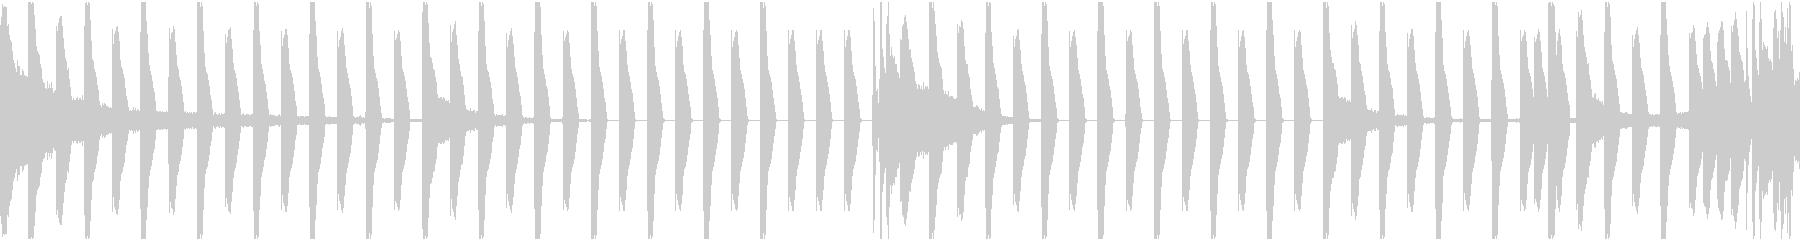 使い勝手のいいリズムループBGMの未再生の波形